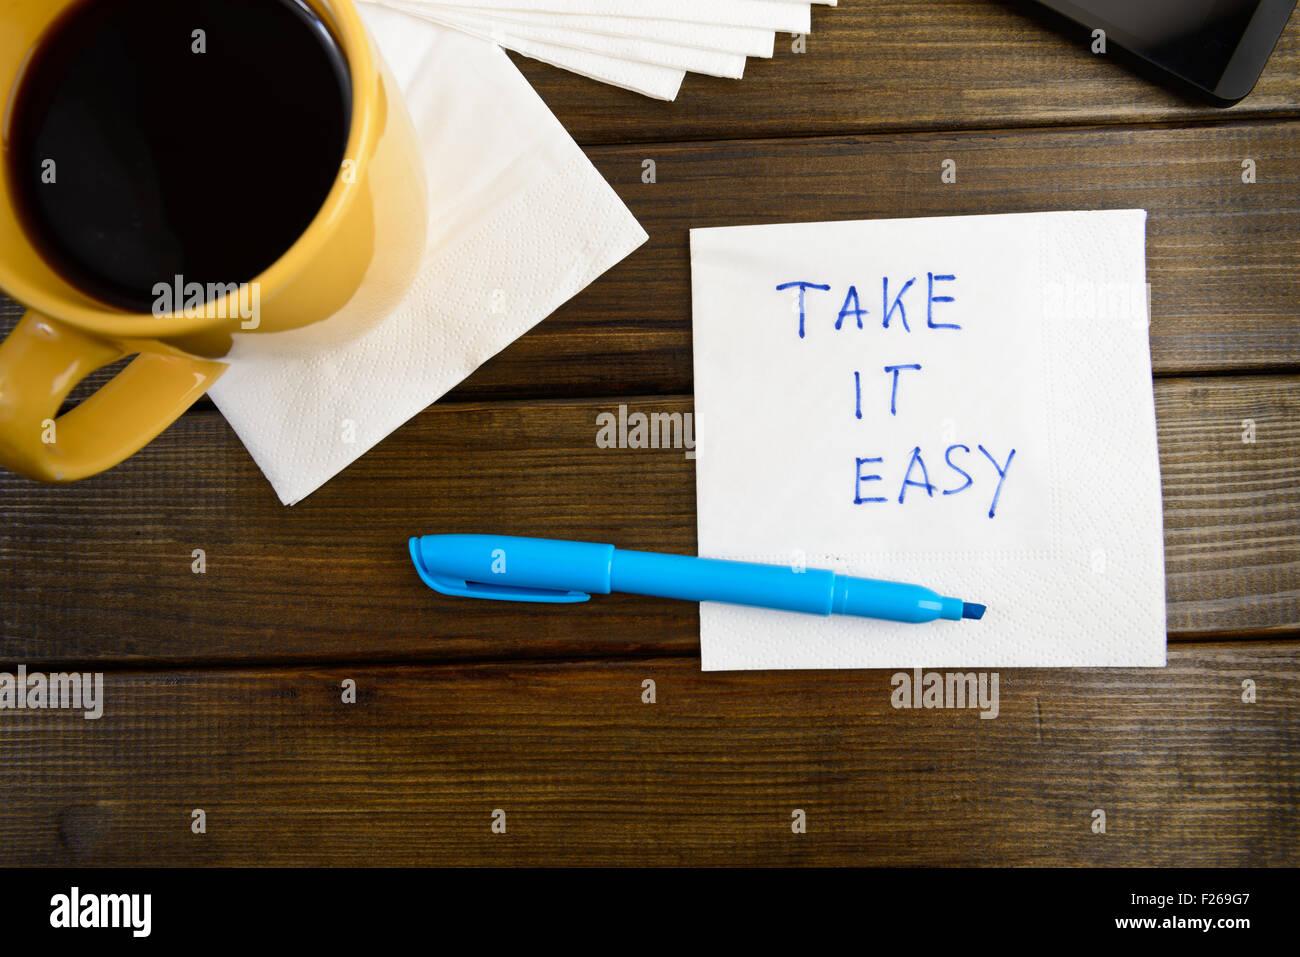 Nimm es leicht - Handschrift auf einer Serviette mit einer Tasse Kaffee Stockbild